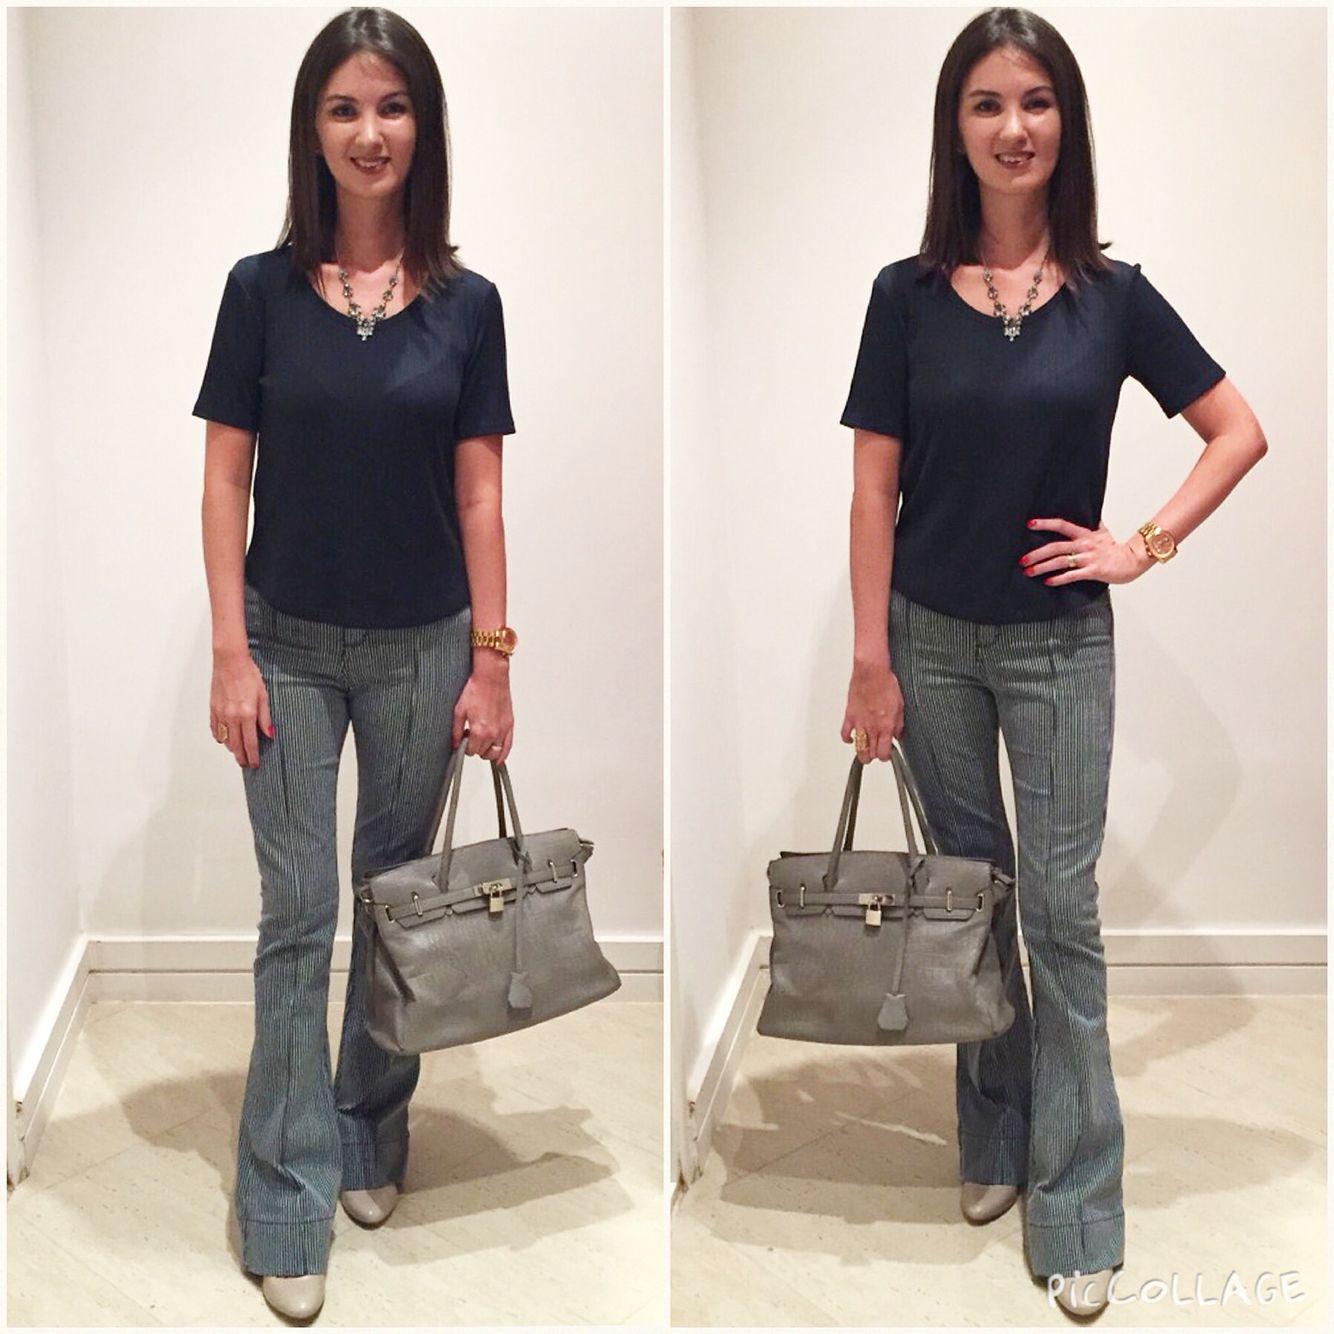 Blusas para Usar com Legging: Fotos dos Looks e Combinações